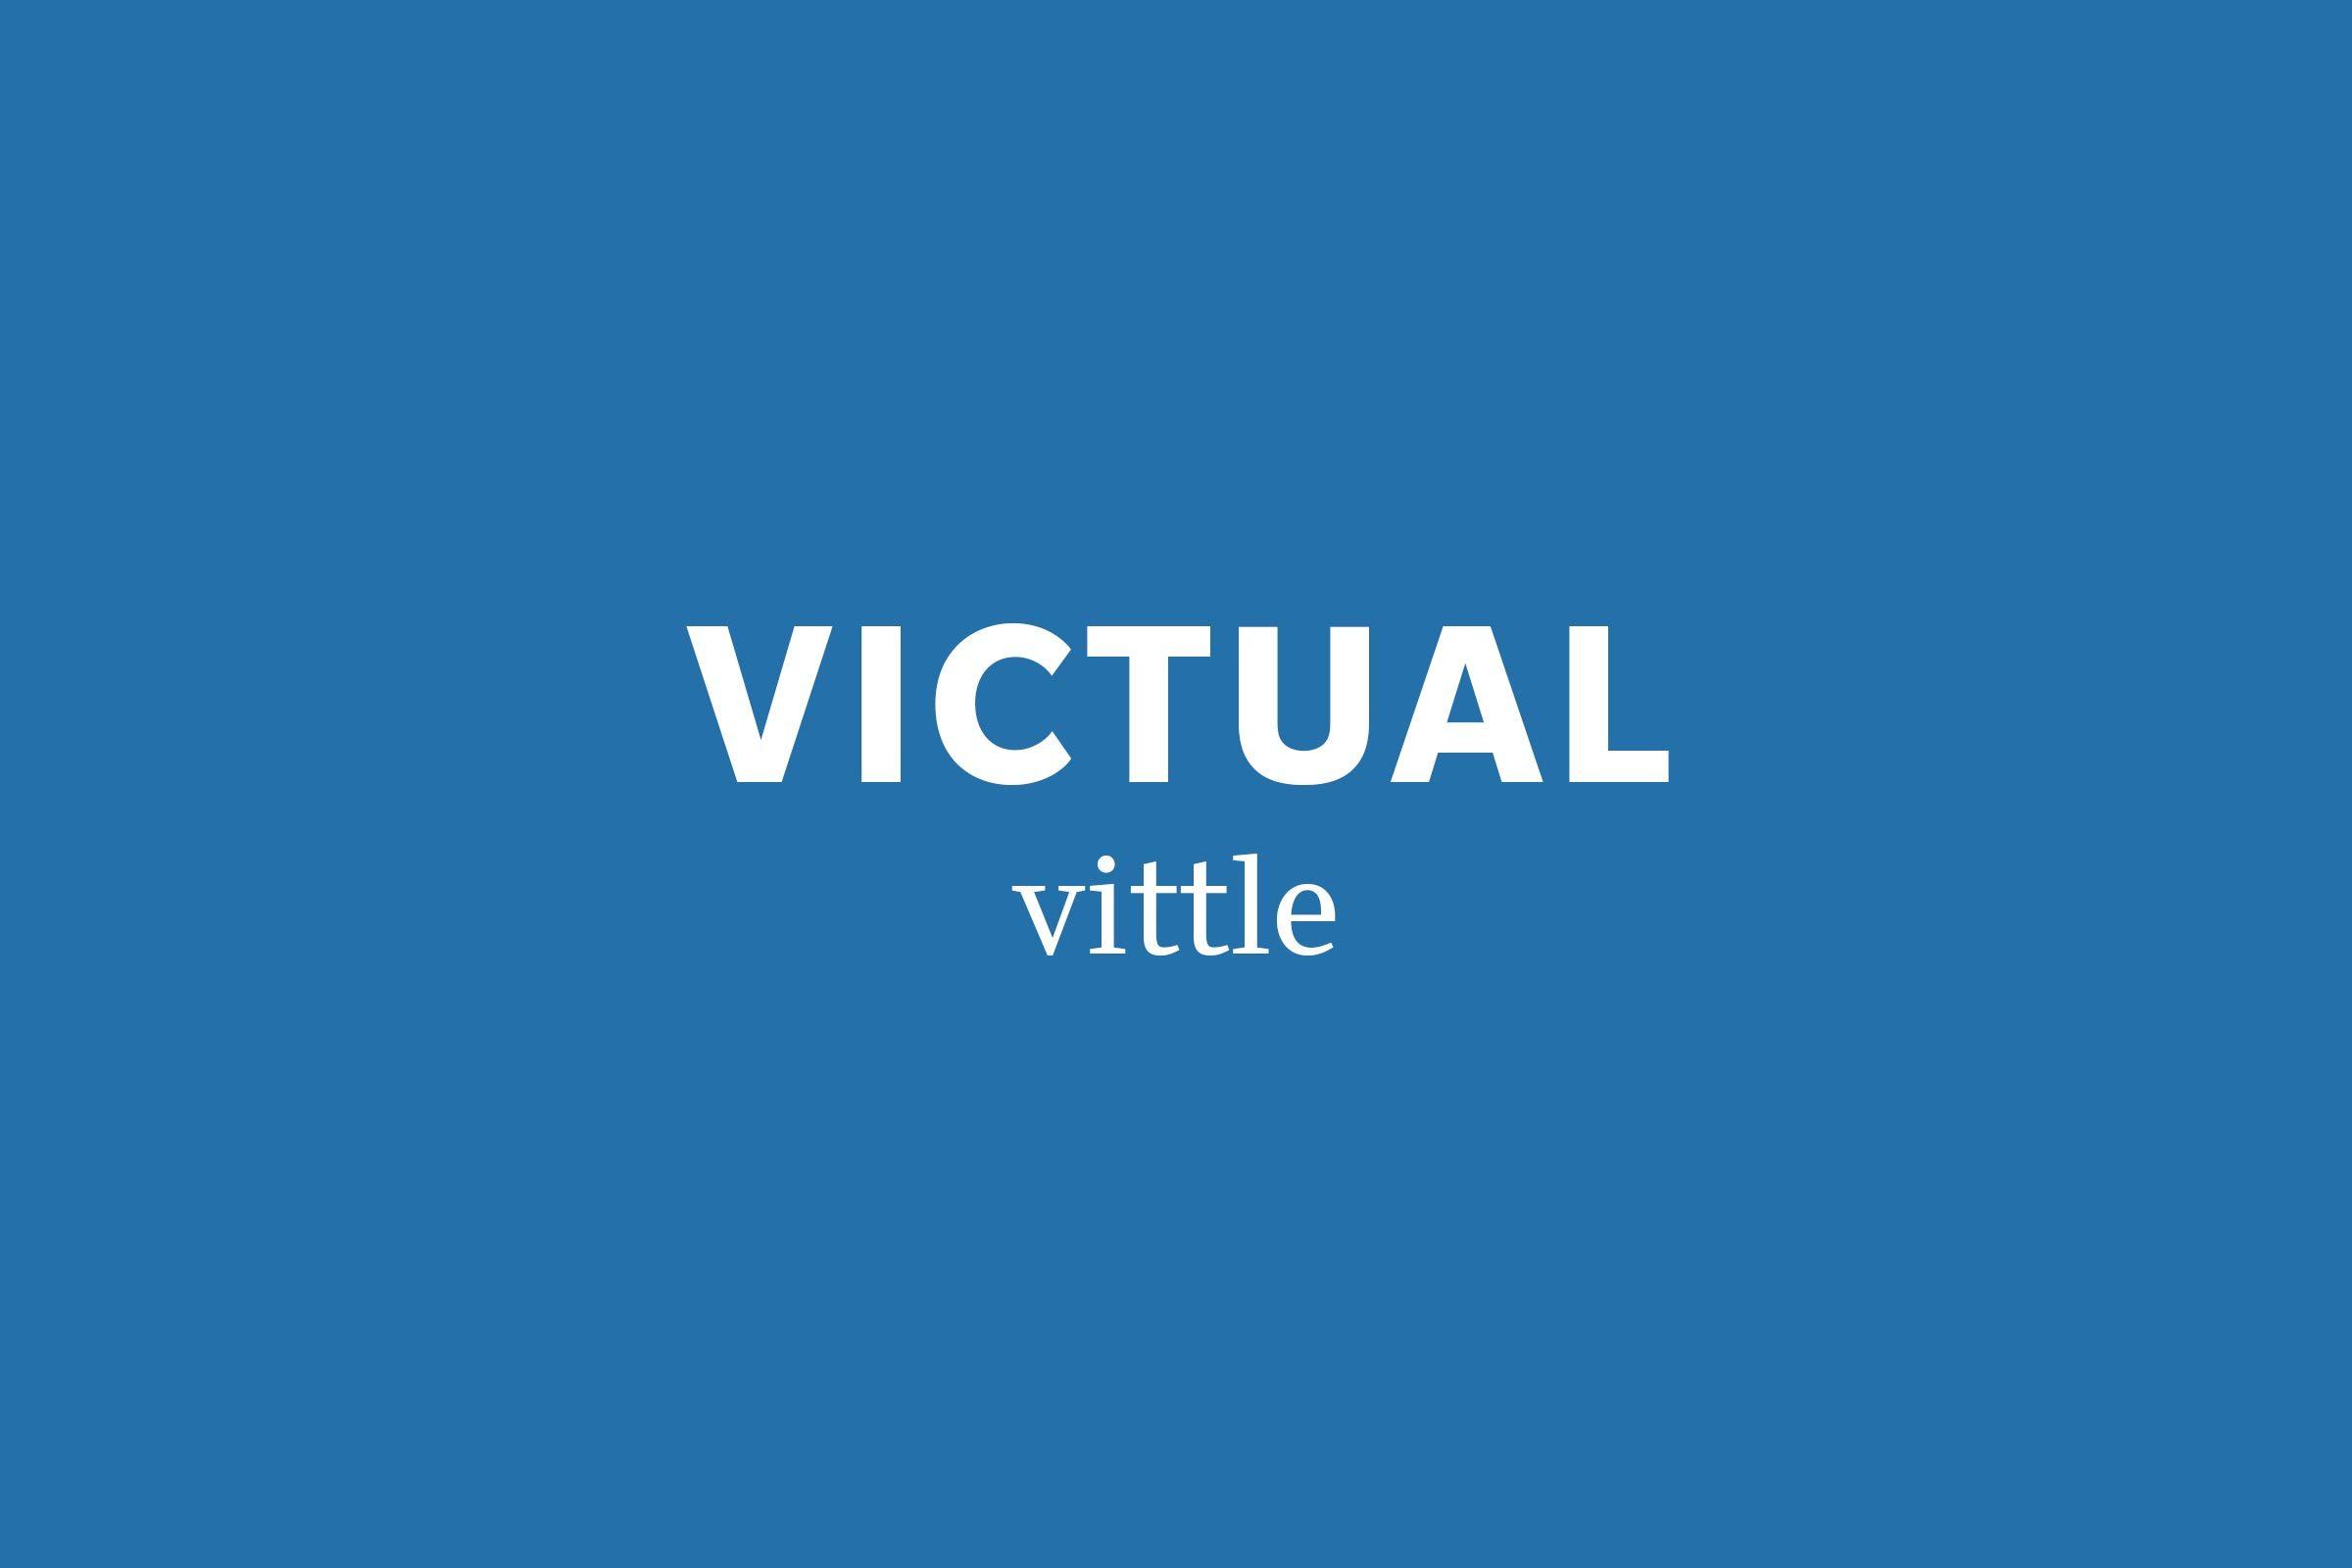 victual pronunciation